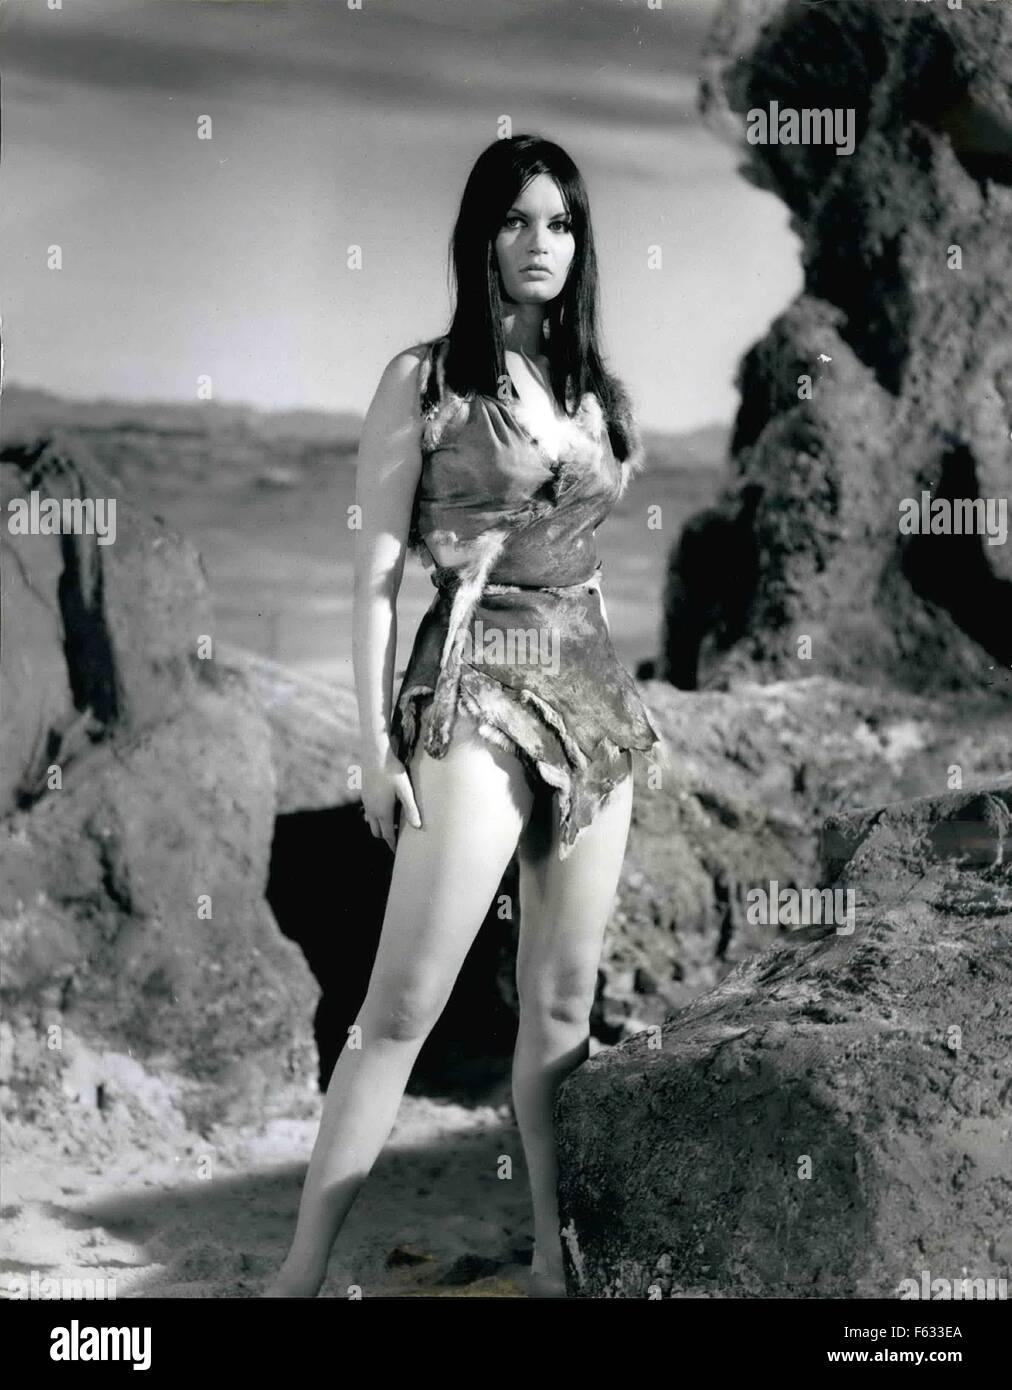 Yvonne Horner bc 1966